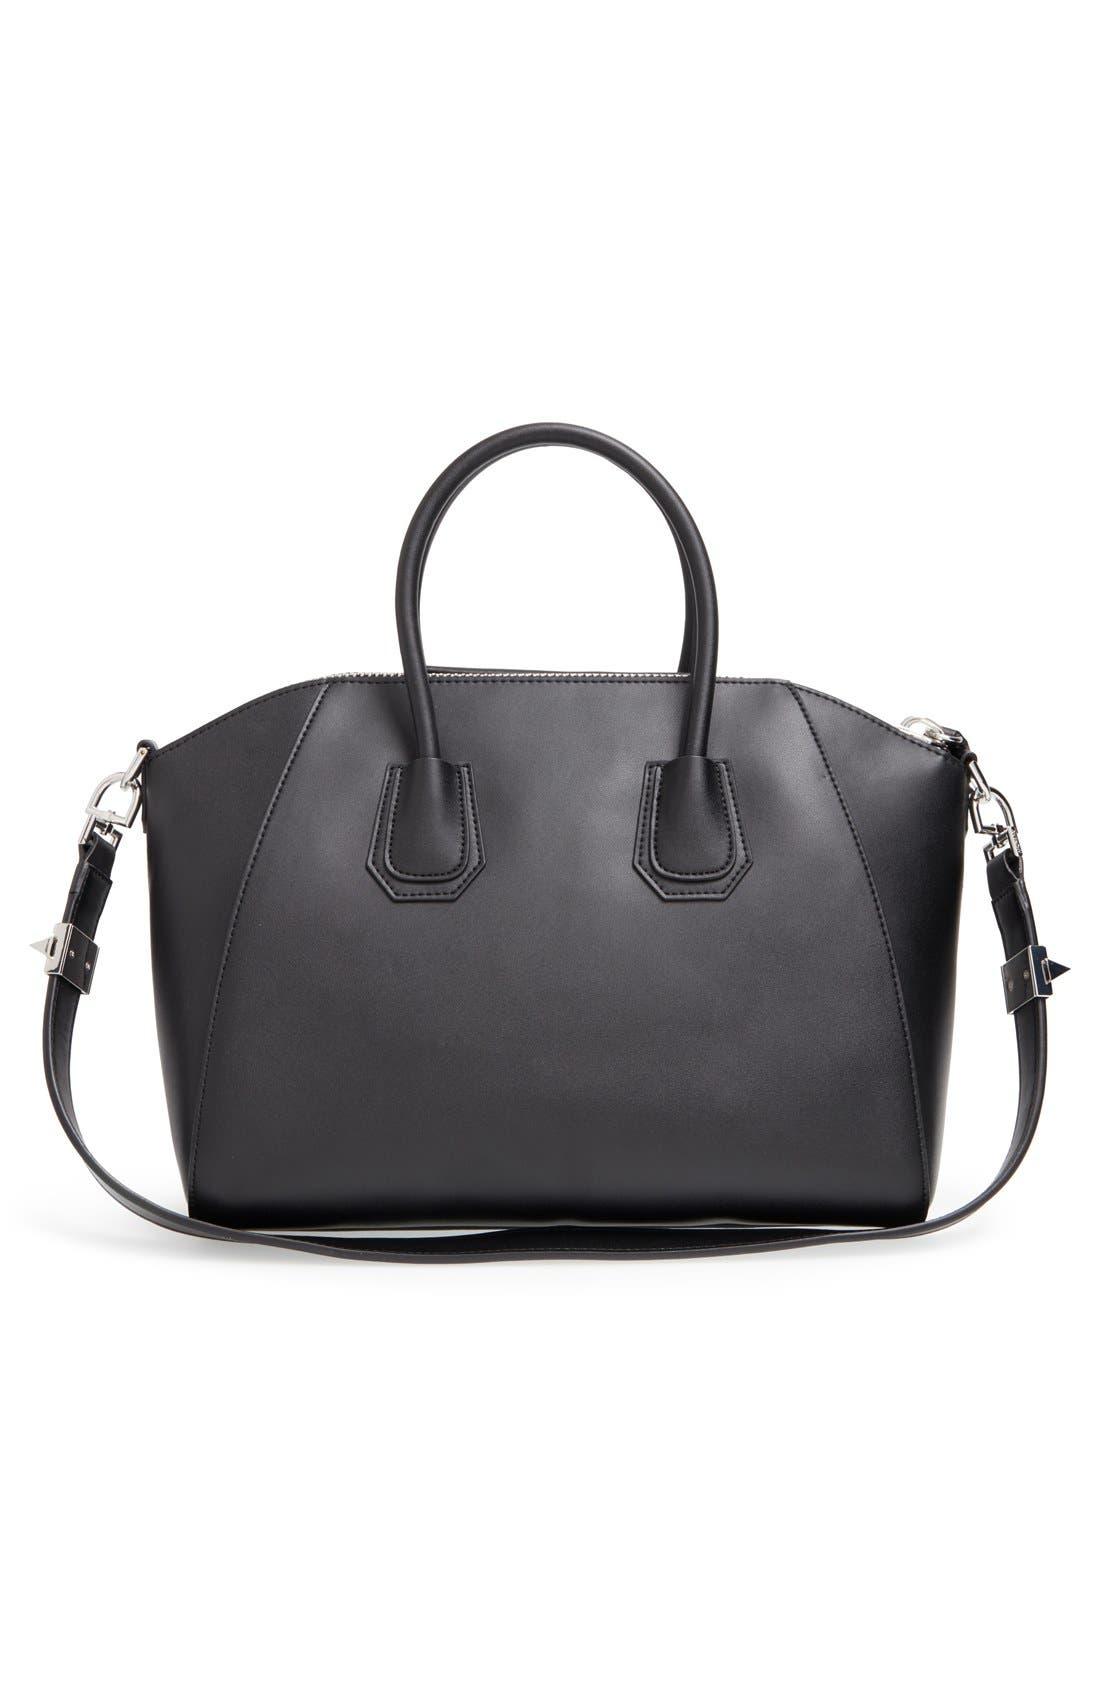 Alternate Image 3  - Givenchy 'Medium Antigona' Leather Satchel